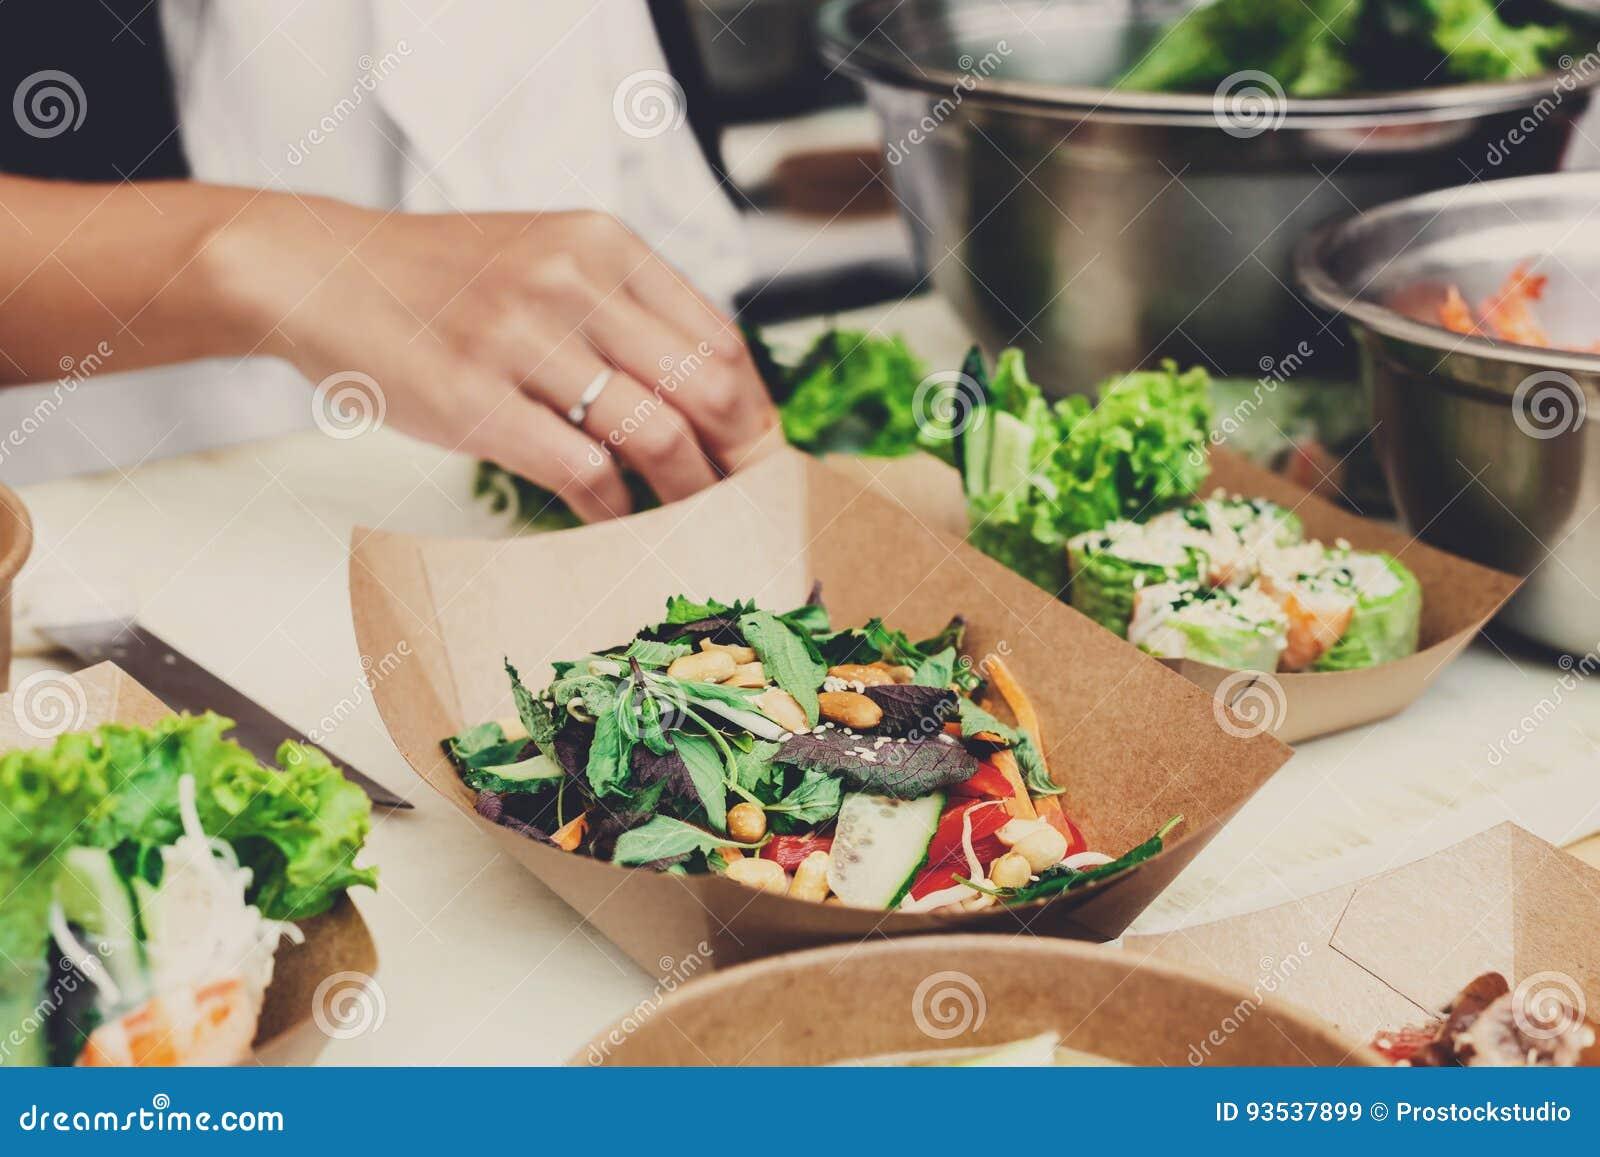 Festival do alimento da rua, entrega, serviço de abastecimento